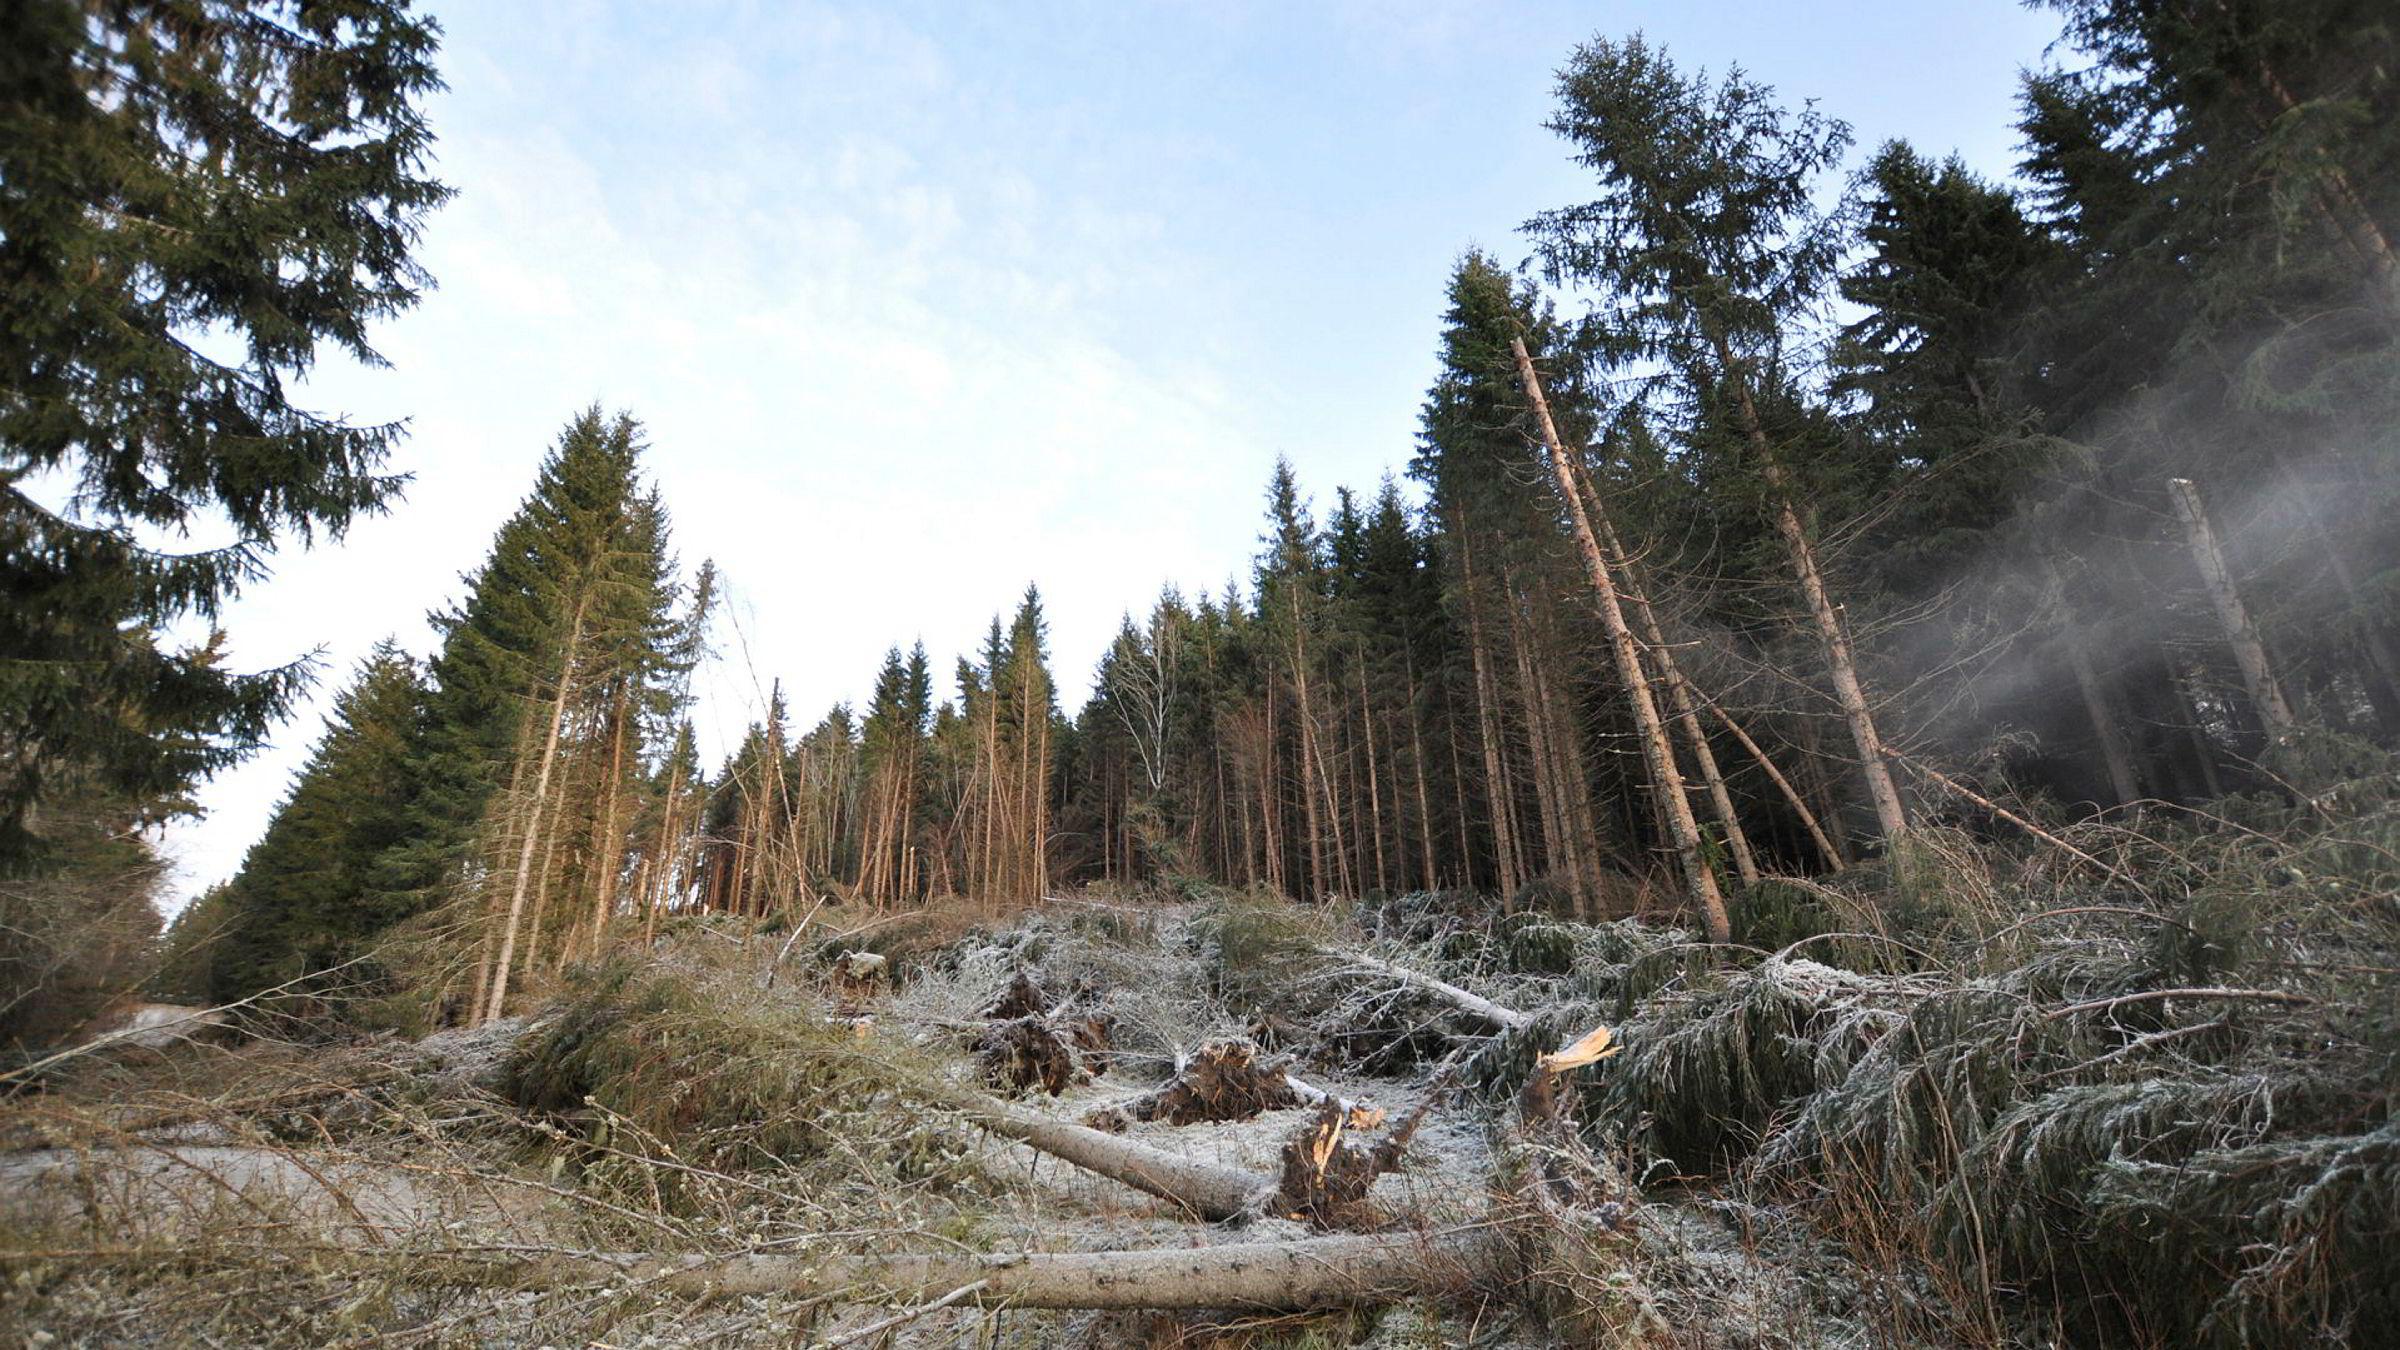 Holtsmark nevner at hvis «bioenergi ble laget av rester fra skogindustrien som ellers ikke ville hatt noen anvendelse, ville alt vært vel og bra.» I de norske biodieselprosjektene er det jo nettopp slikt avfall som skal brukes, skriver Bjørn Eidem i innlegget.